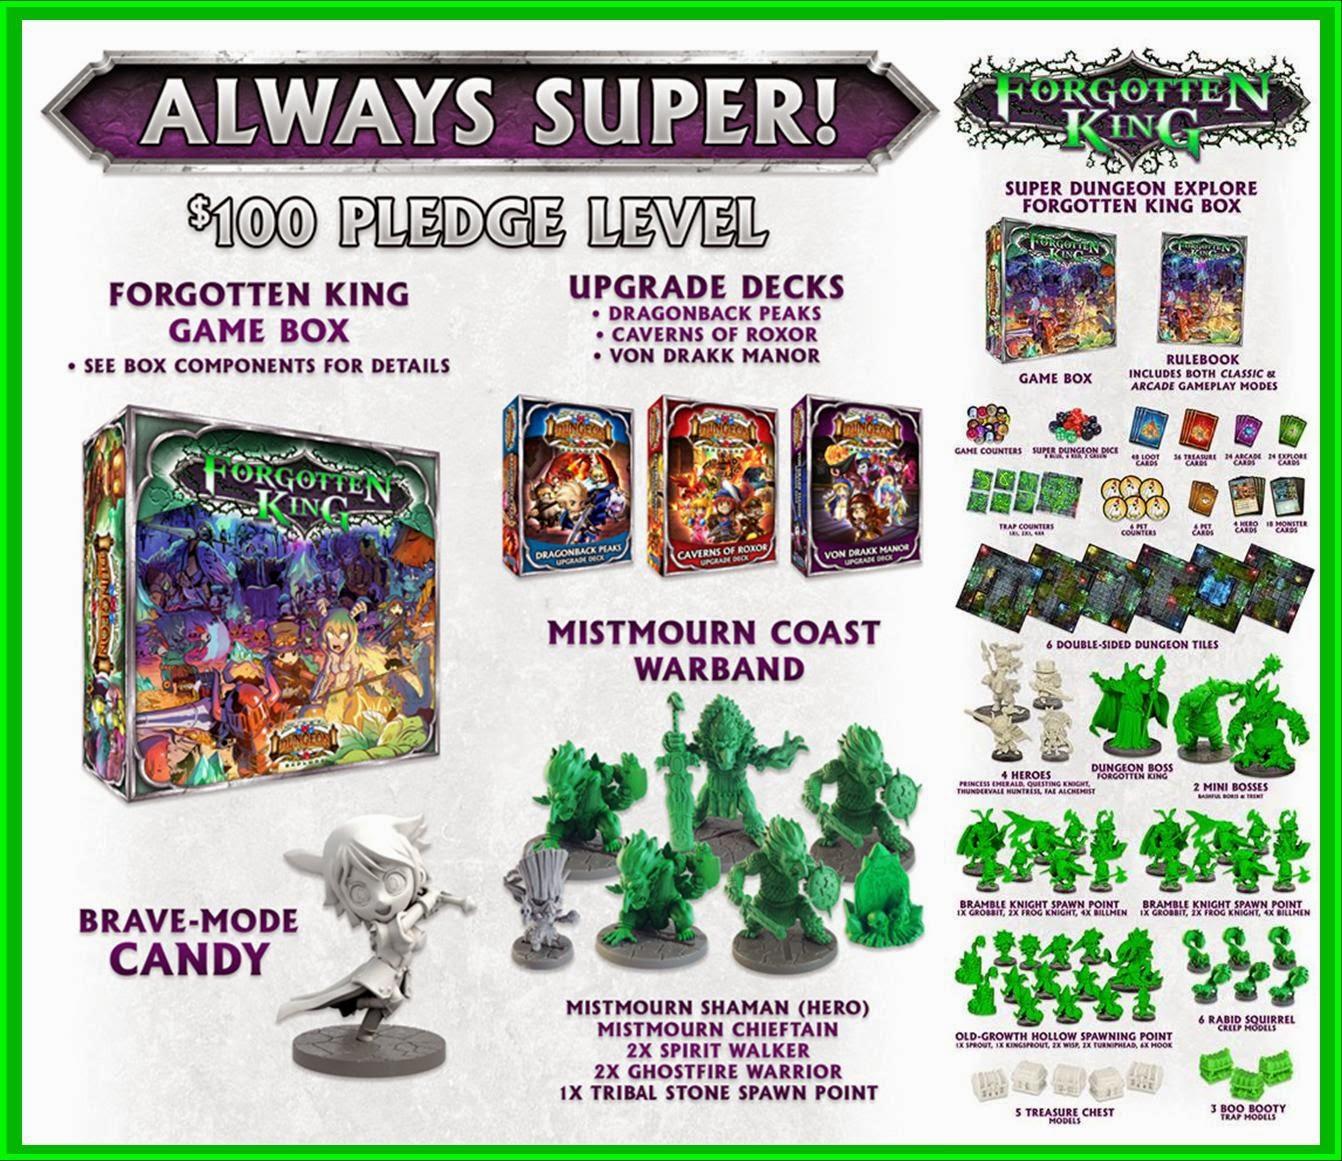 Super Dungeon Explore Forgotten King Kickstarter